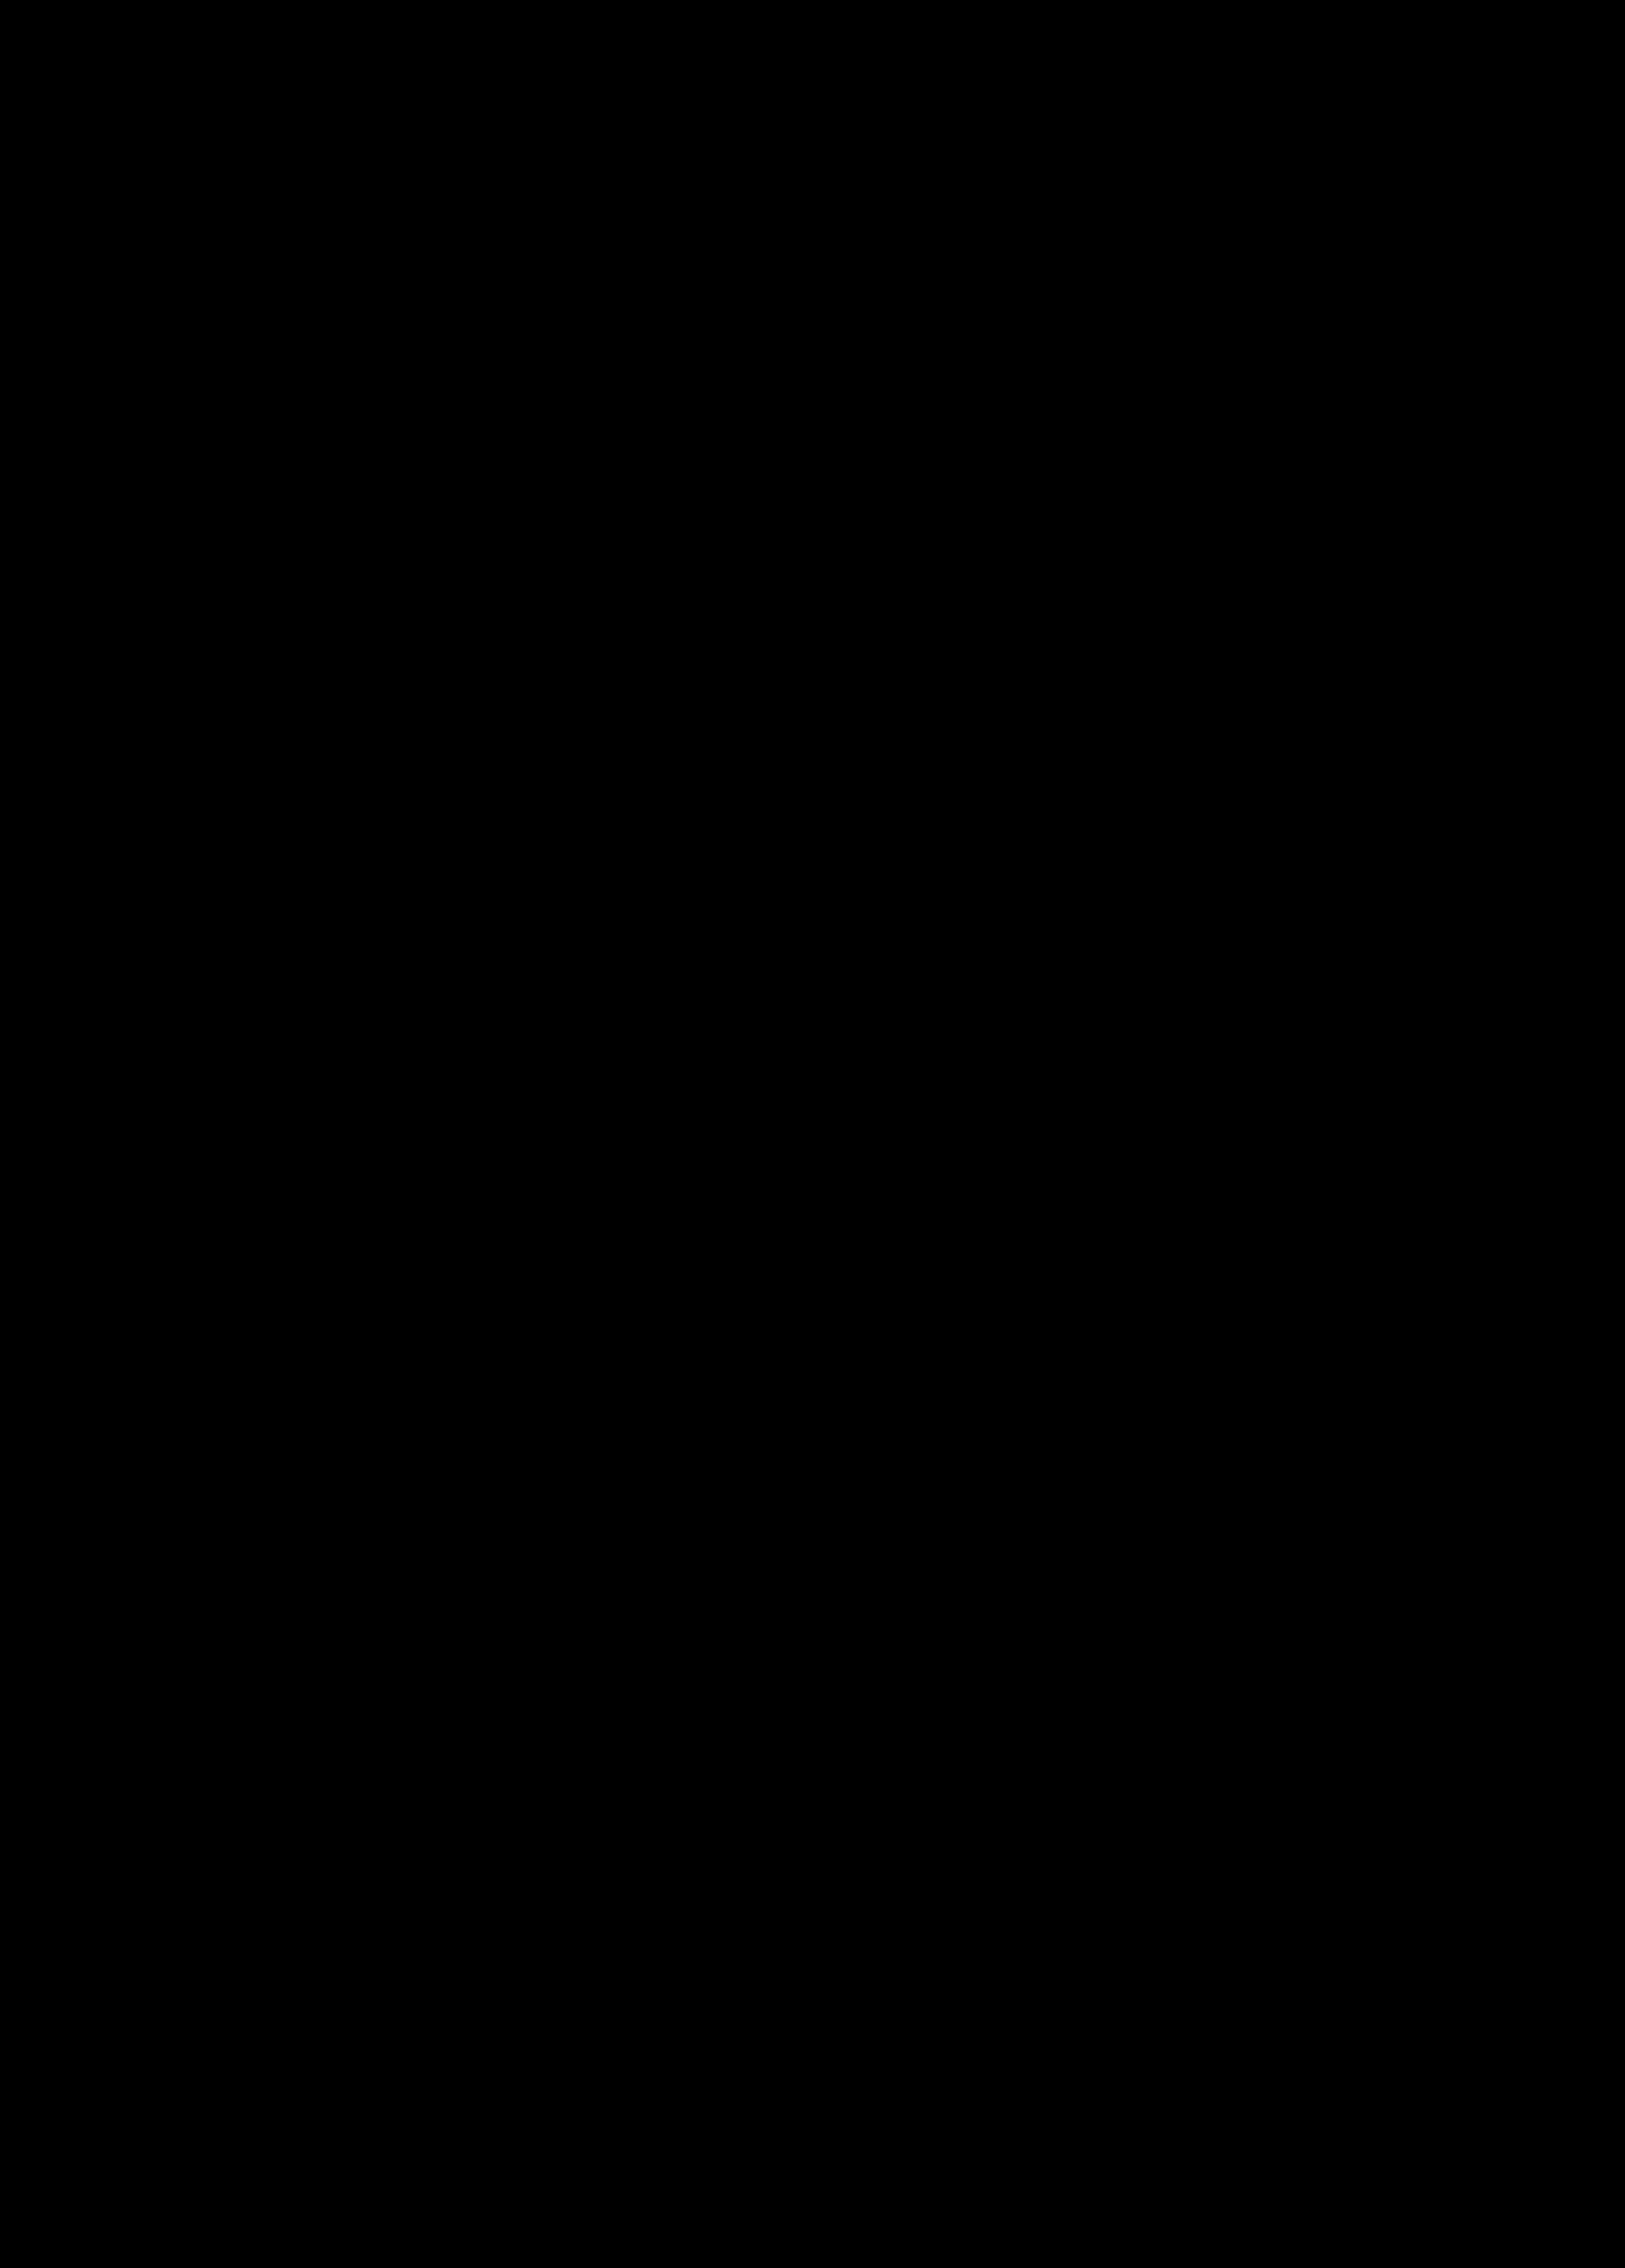 2018年 泰拳冠軍